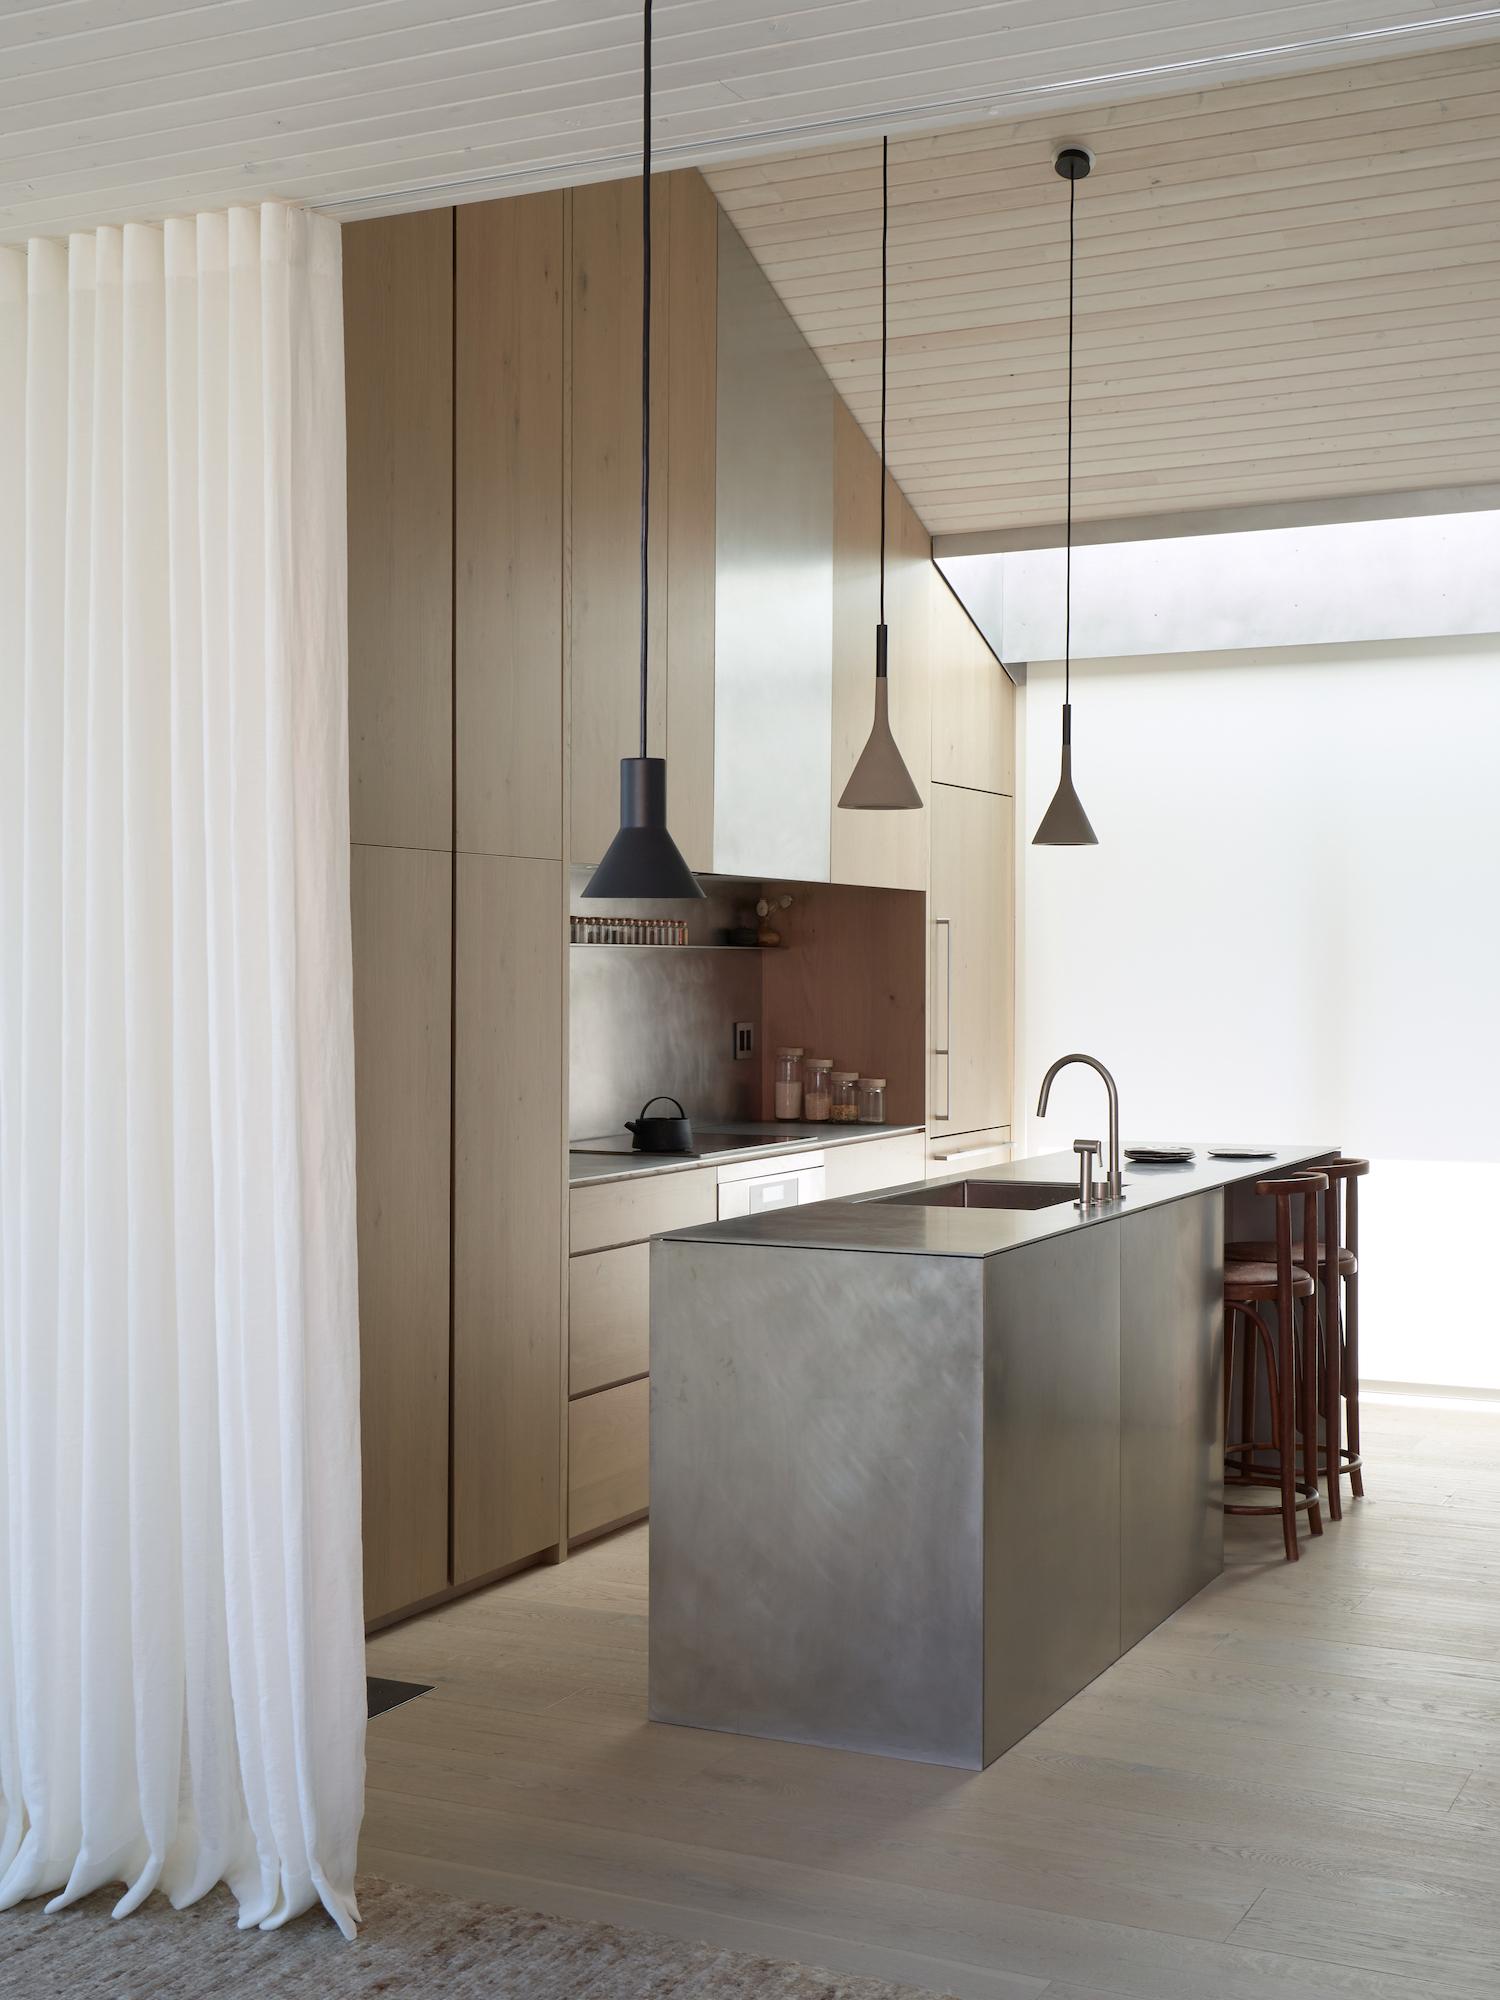 est living where architects live suzanne stefan 6